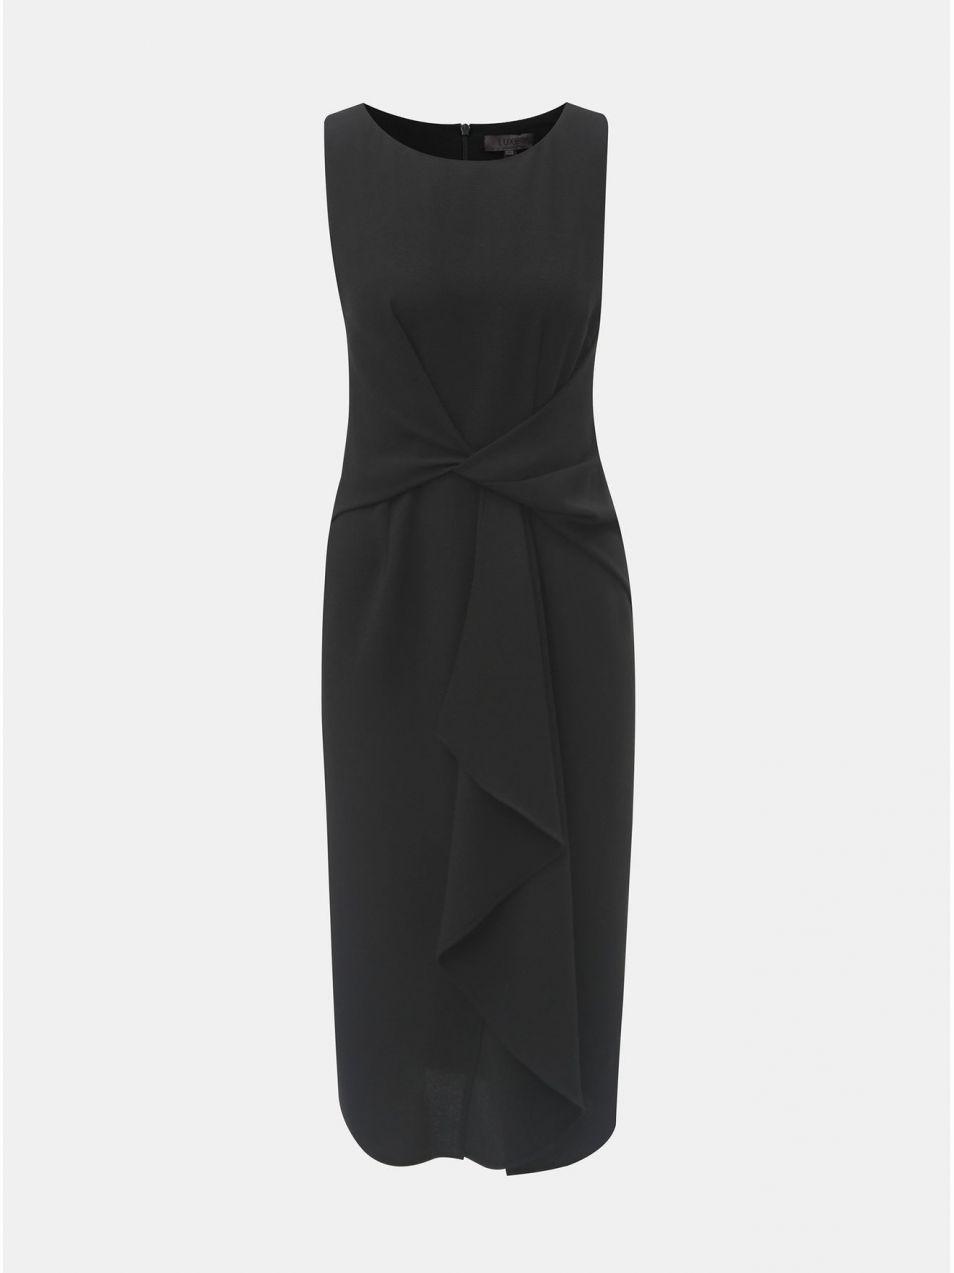 993211adccb6 Čierne puzdrové šaty s volánom v prednej časti Dorothy Perkins ...